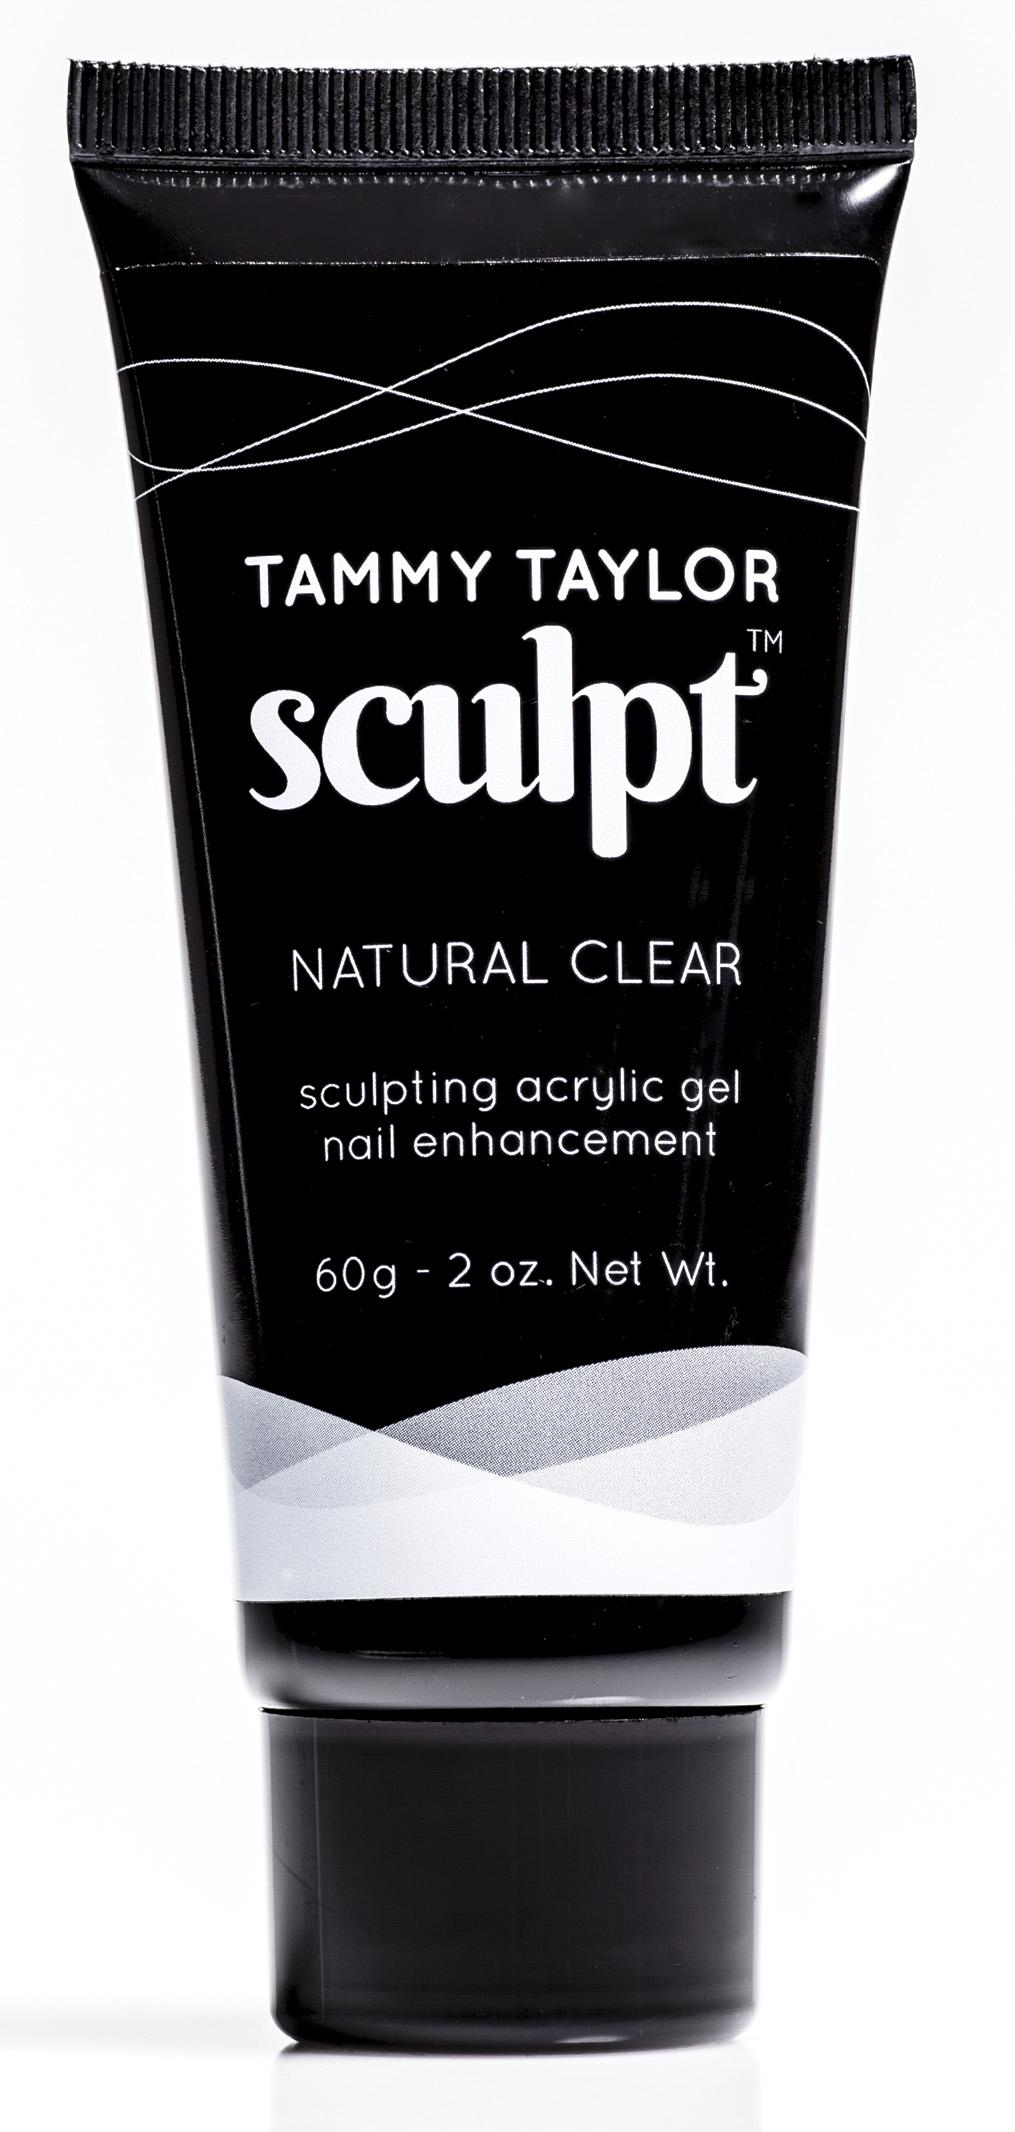 Tammy Taylor Tube gel